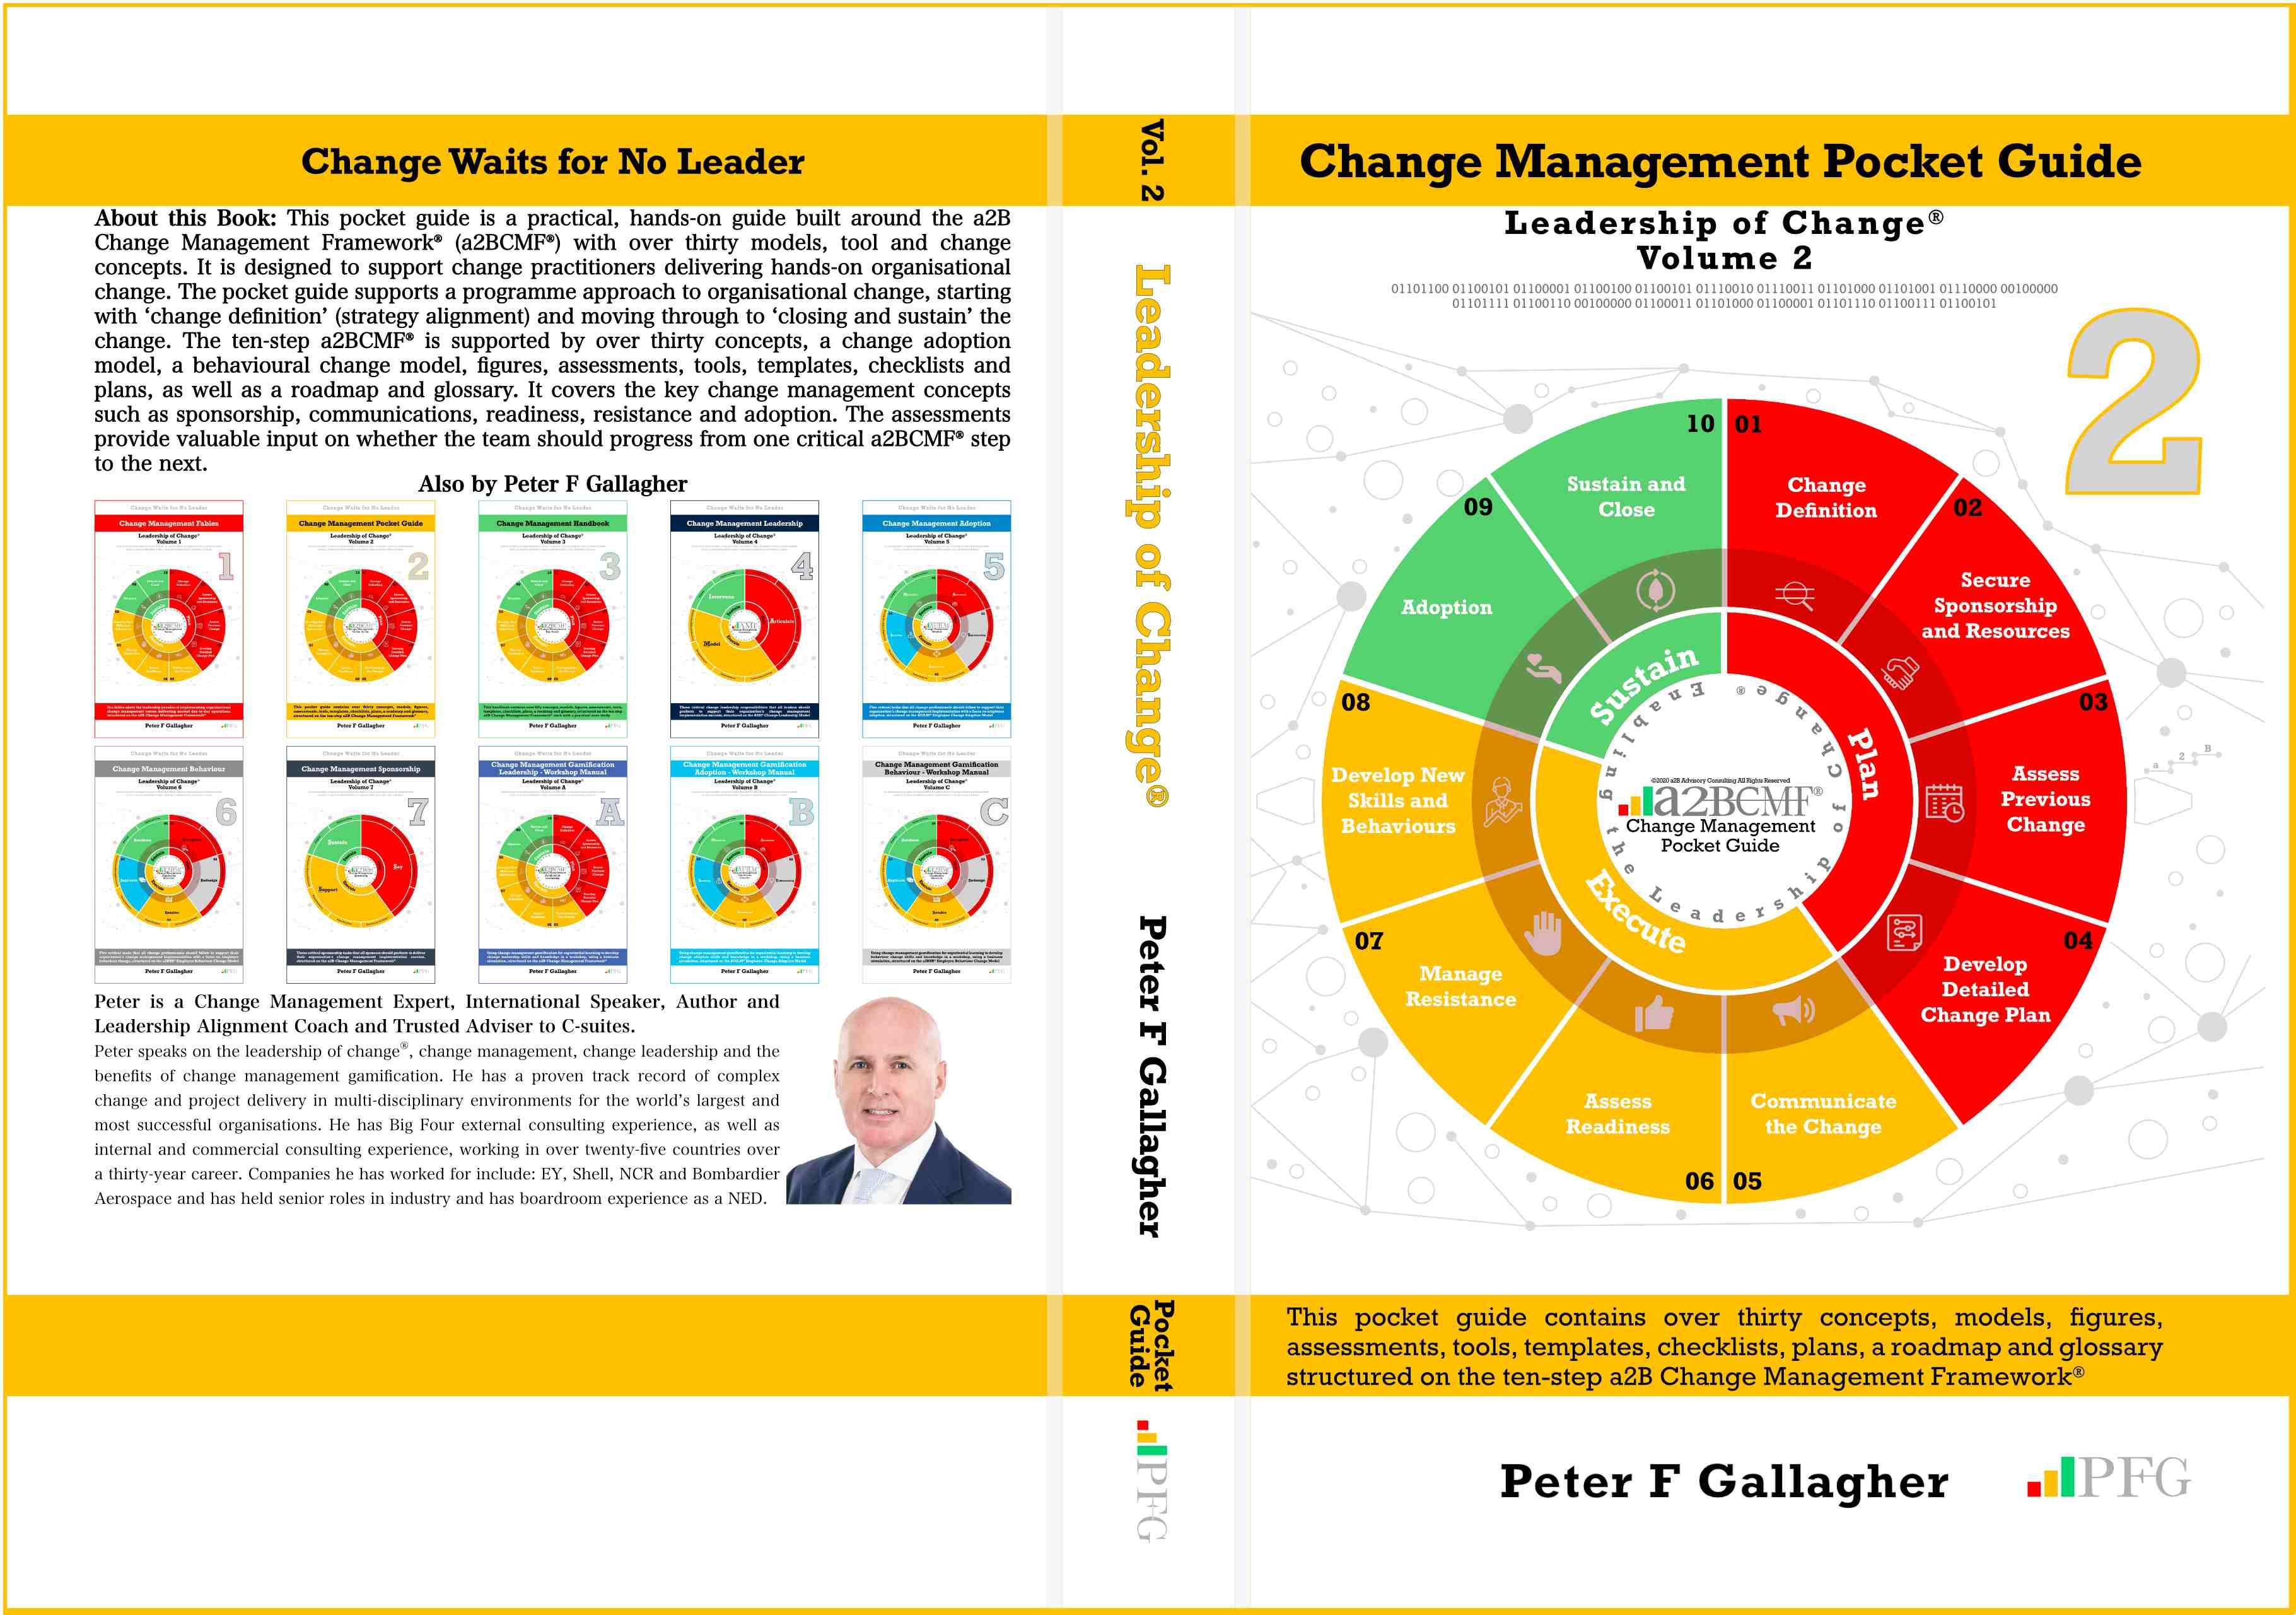 Change Management Pocket Guide, Change Management Book, Change Management Books, Change Management P